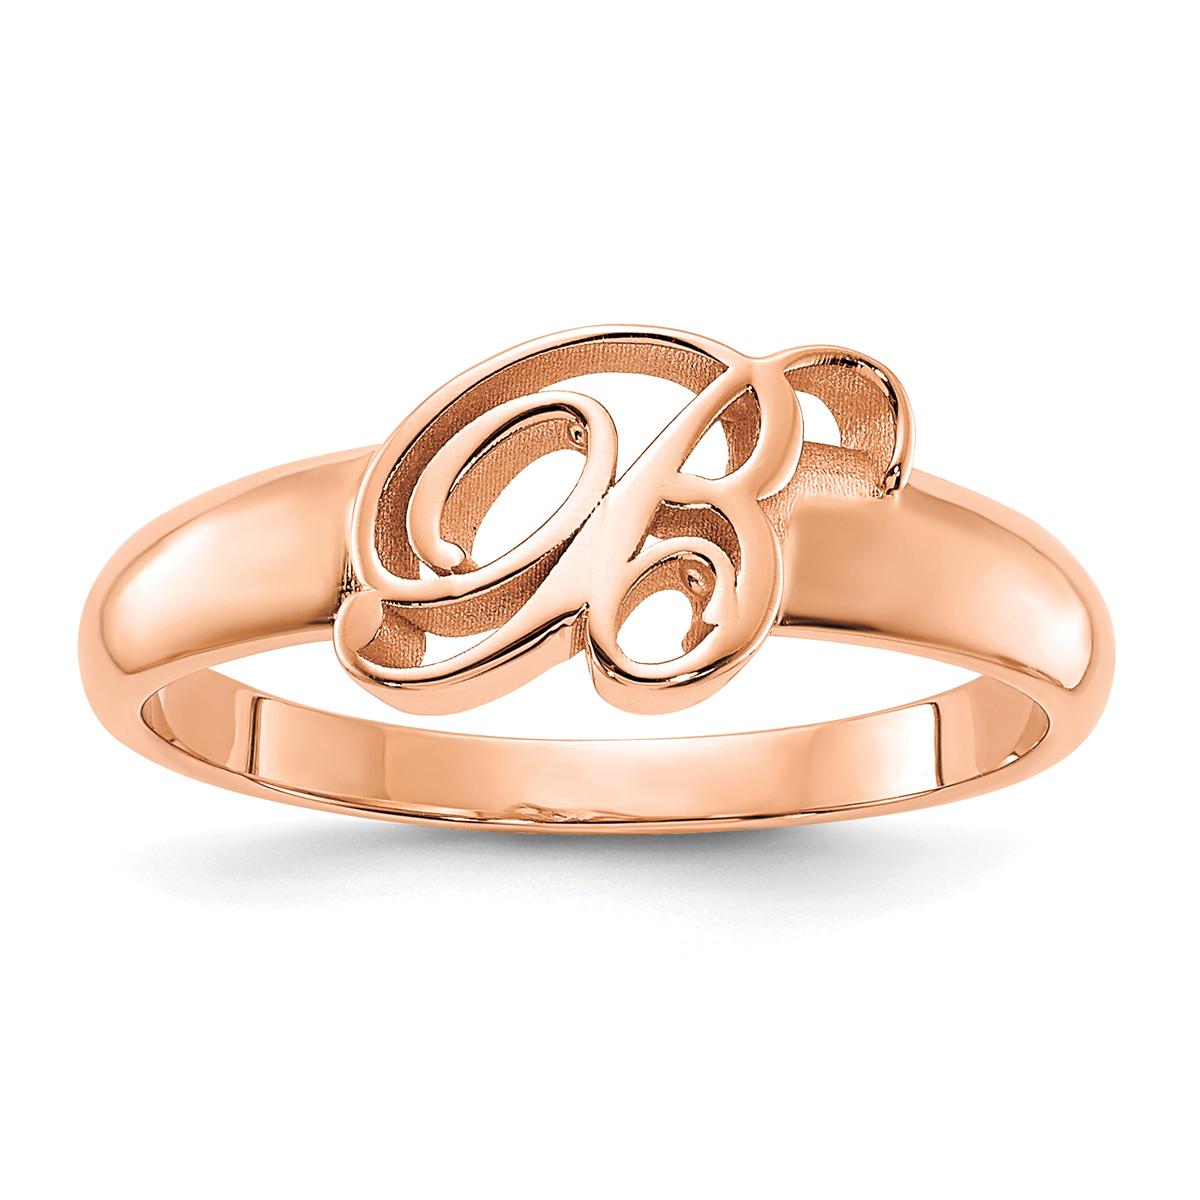 Cursive Initial Monogram Signet Ring